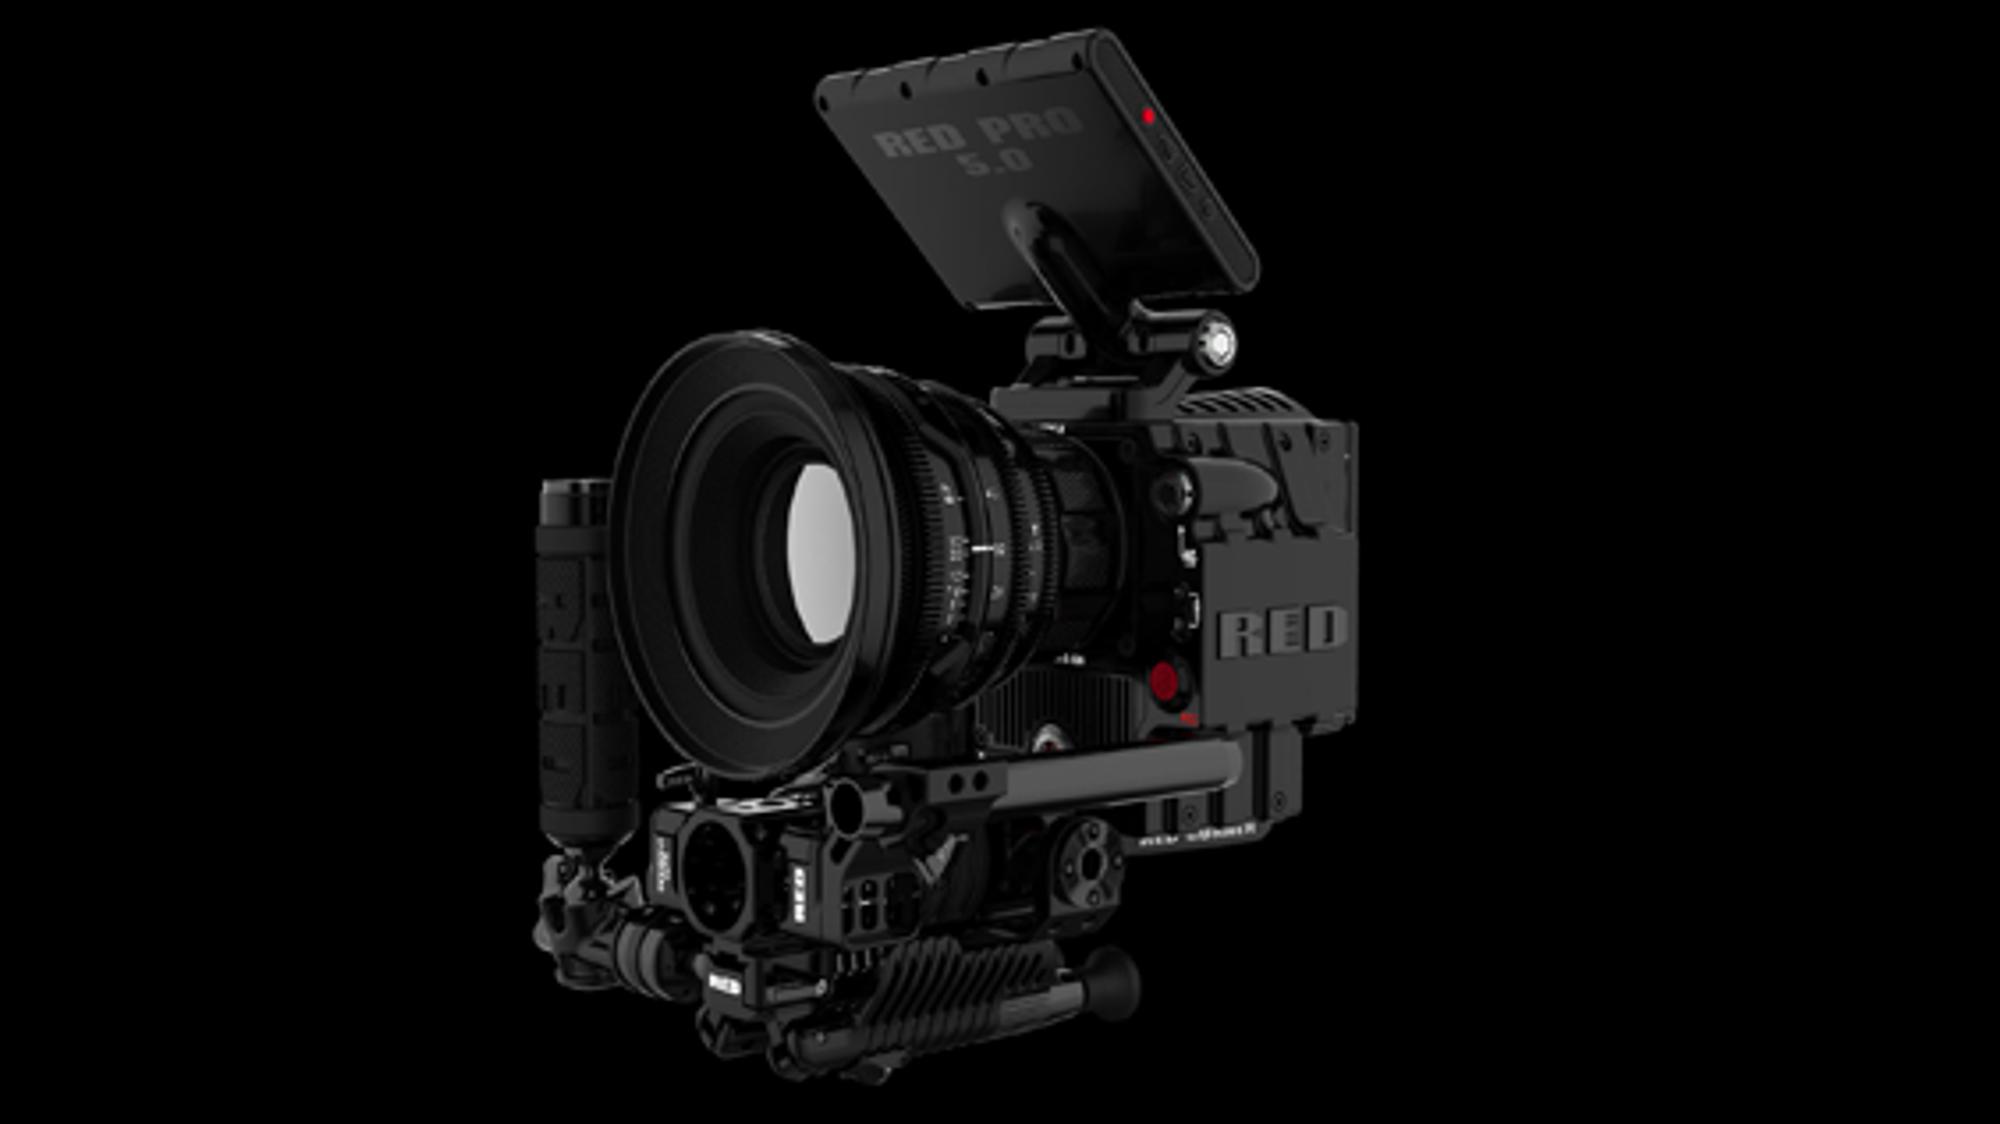 En mulig modulkombinasjon. Red sier kameraet også kan brukes som en vanlig speilrefleks. De kaller det DSCM (Digital Still & Motion Camera).